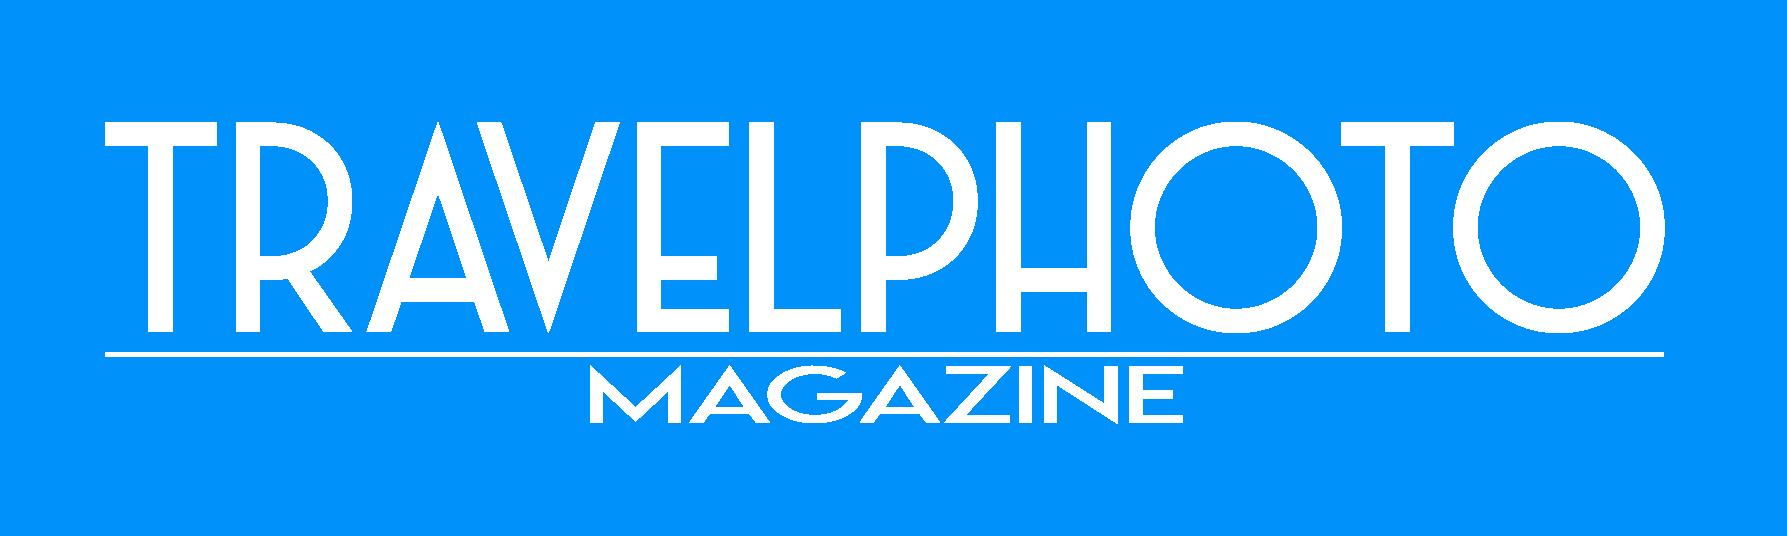 TravelPhoto Magazine